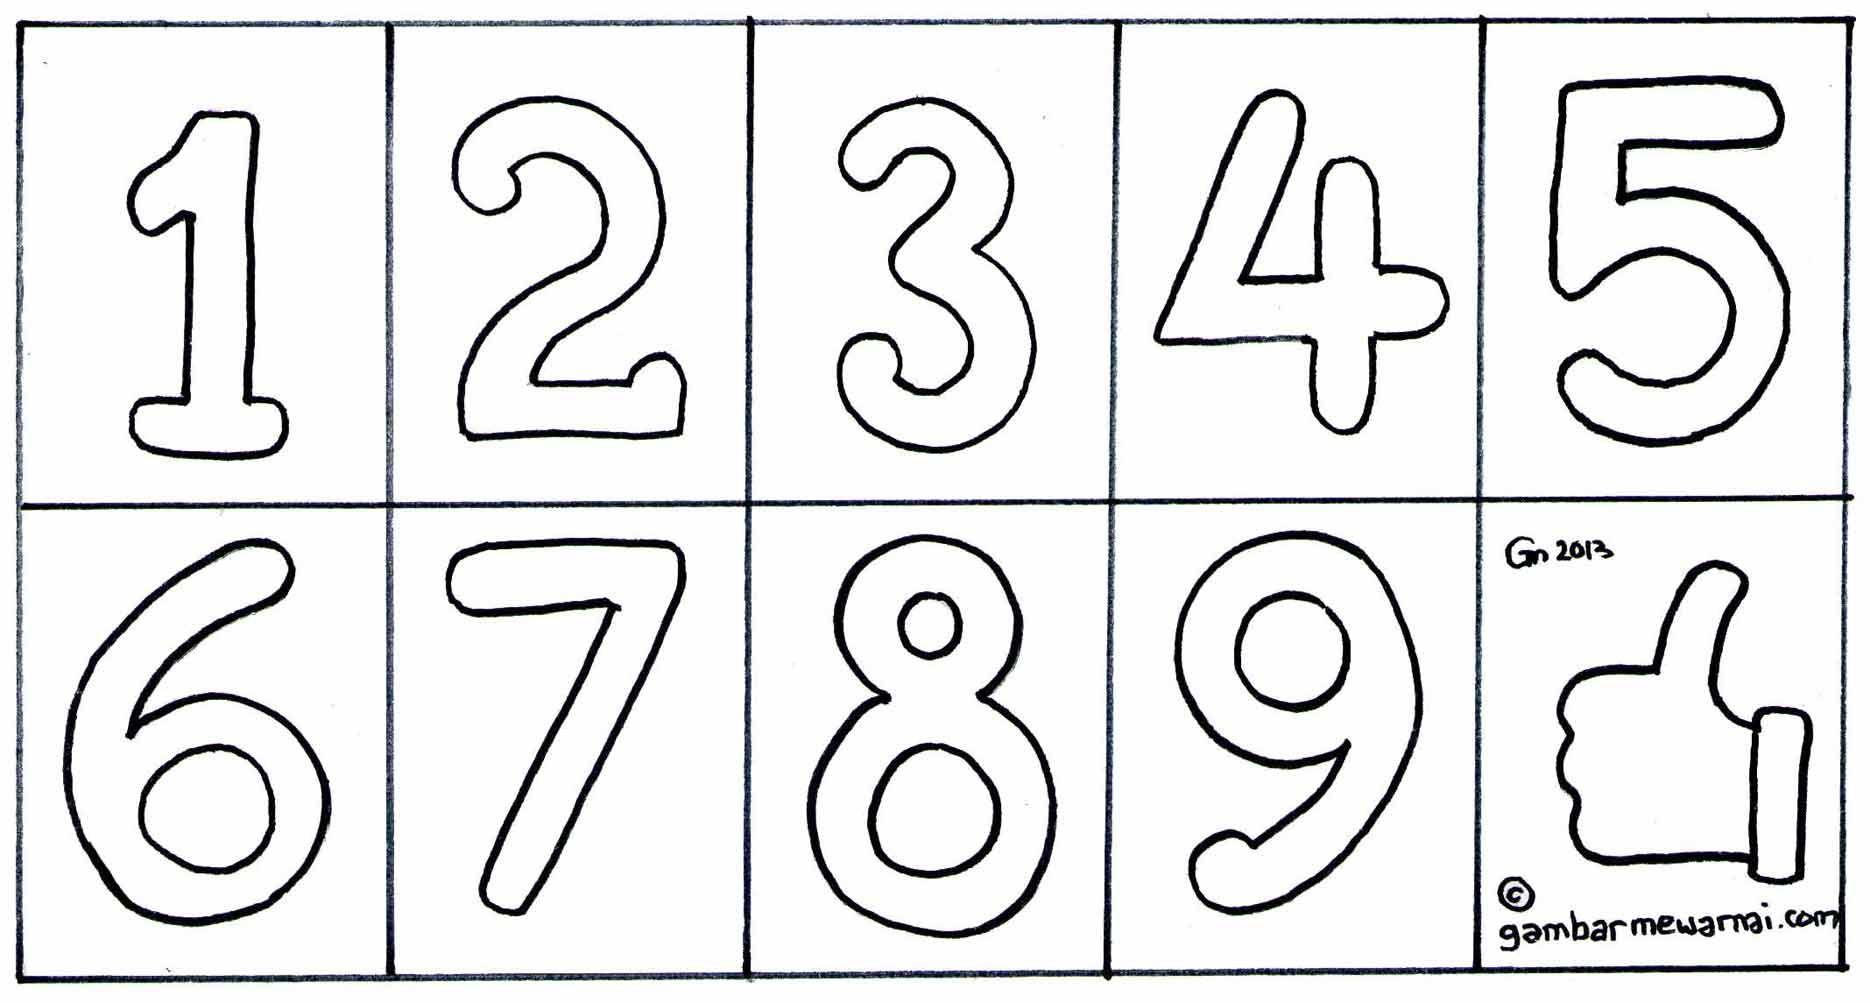 Siapa yang punya gambar titiktitik angka berhubungan